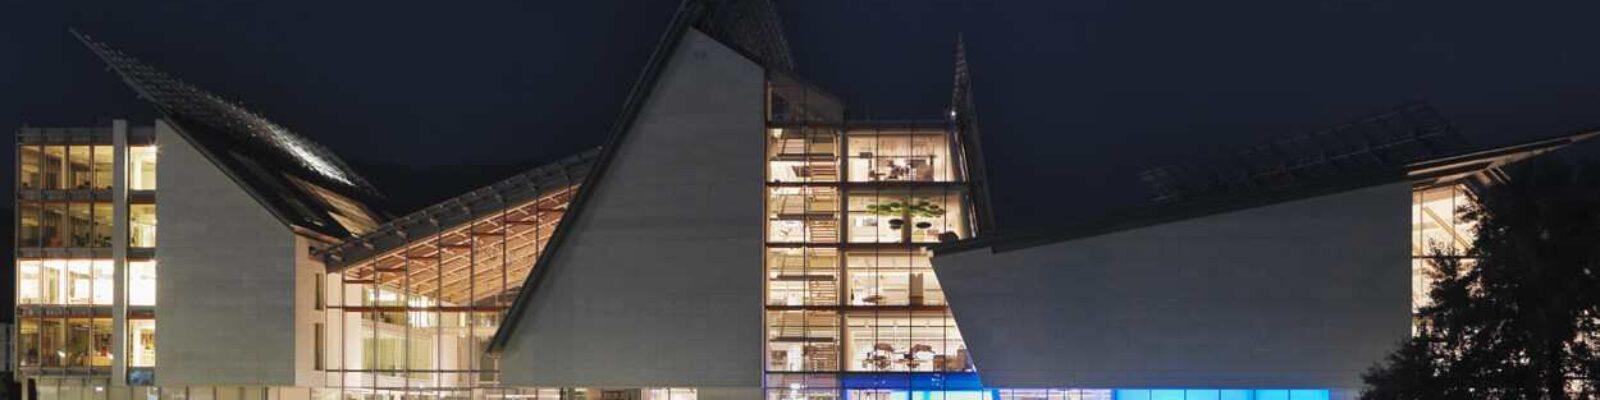 Progetti di illuminazione architetturale